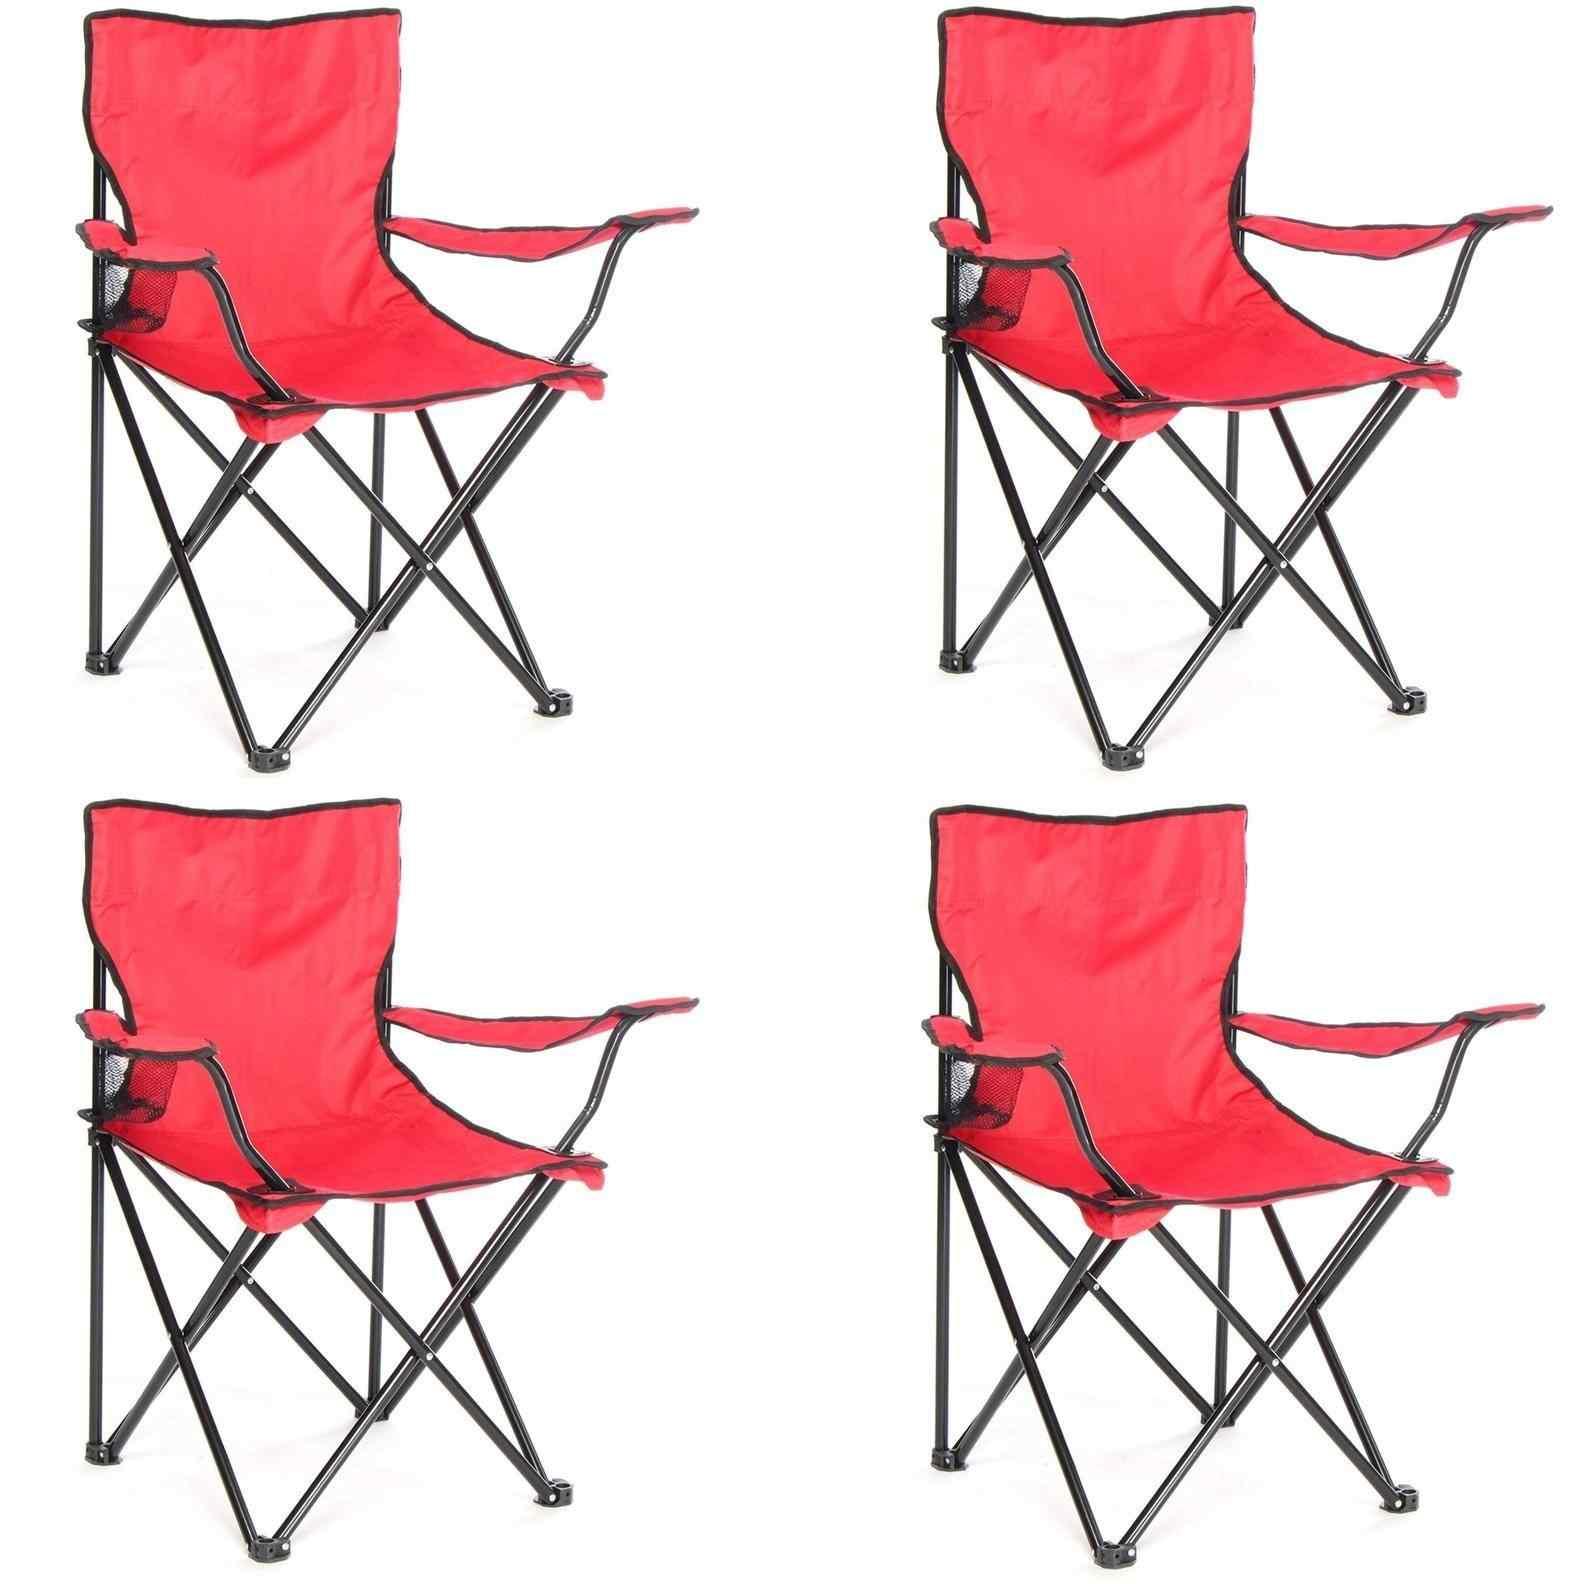 Çantalı Kamp Sandalyesi Balıkçı Plaj Piknik Koltuk Kırmızı 4 Ade